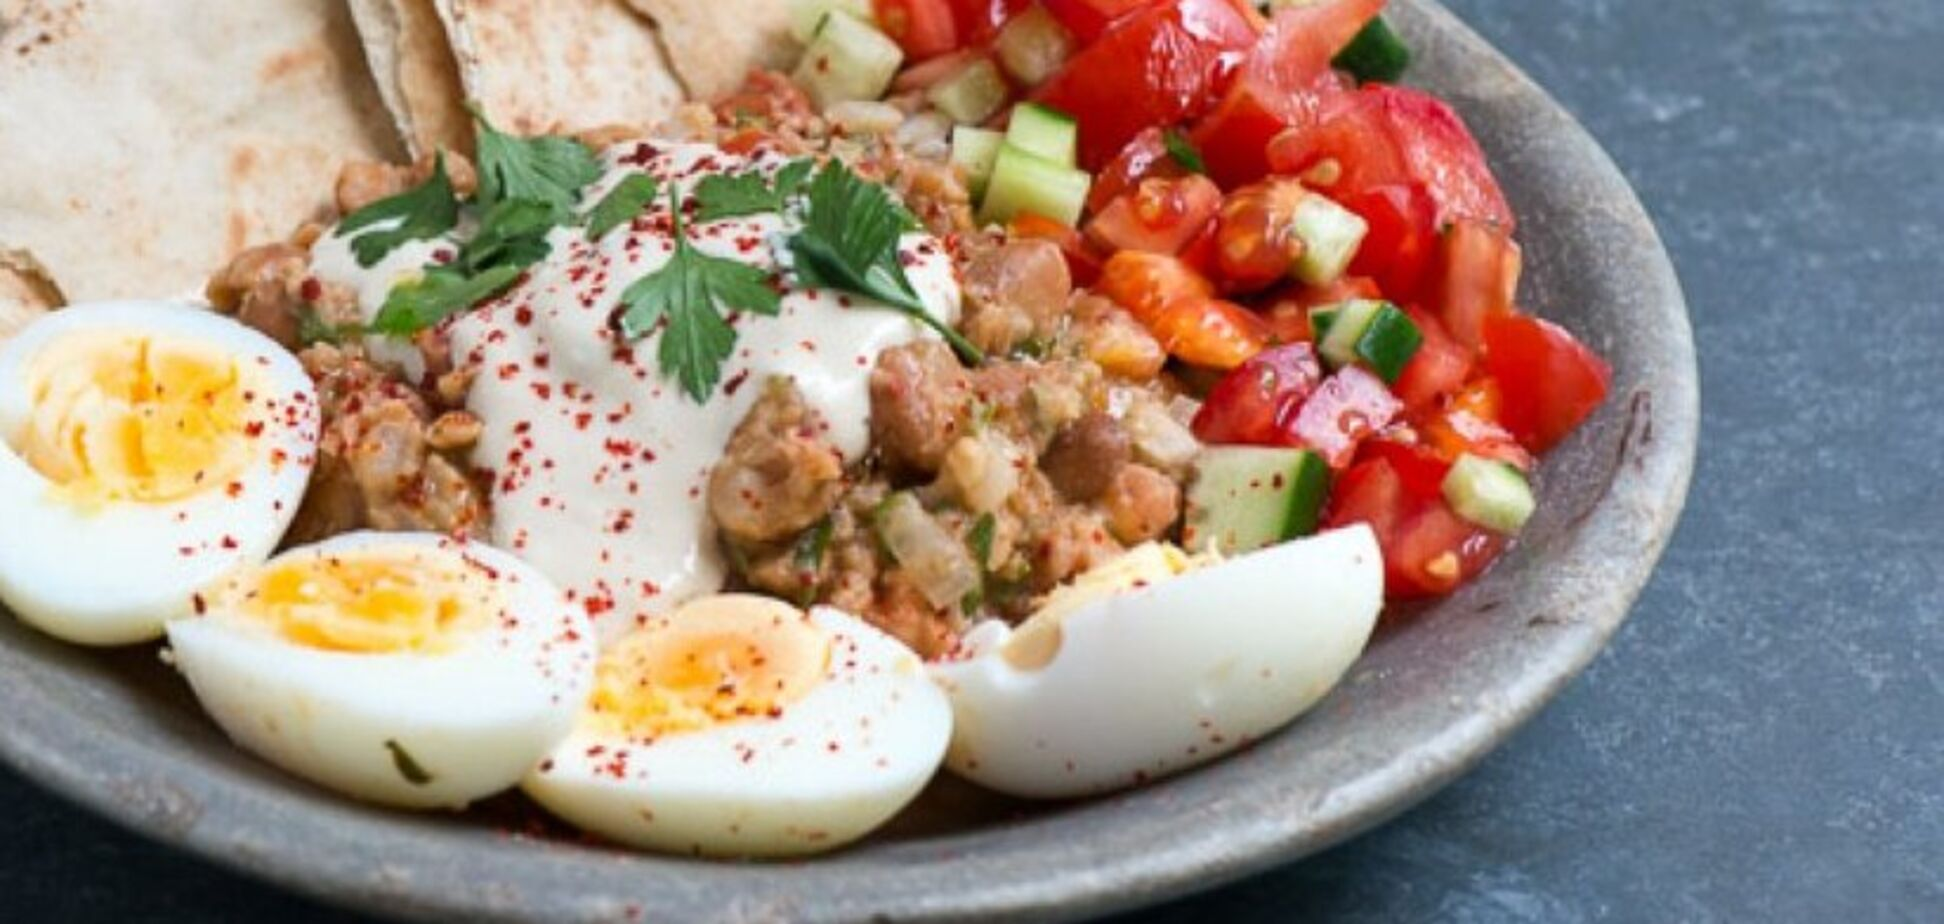 Египетский яичный салат: простой рецепт вкусного и полезного блюда